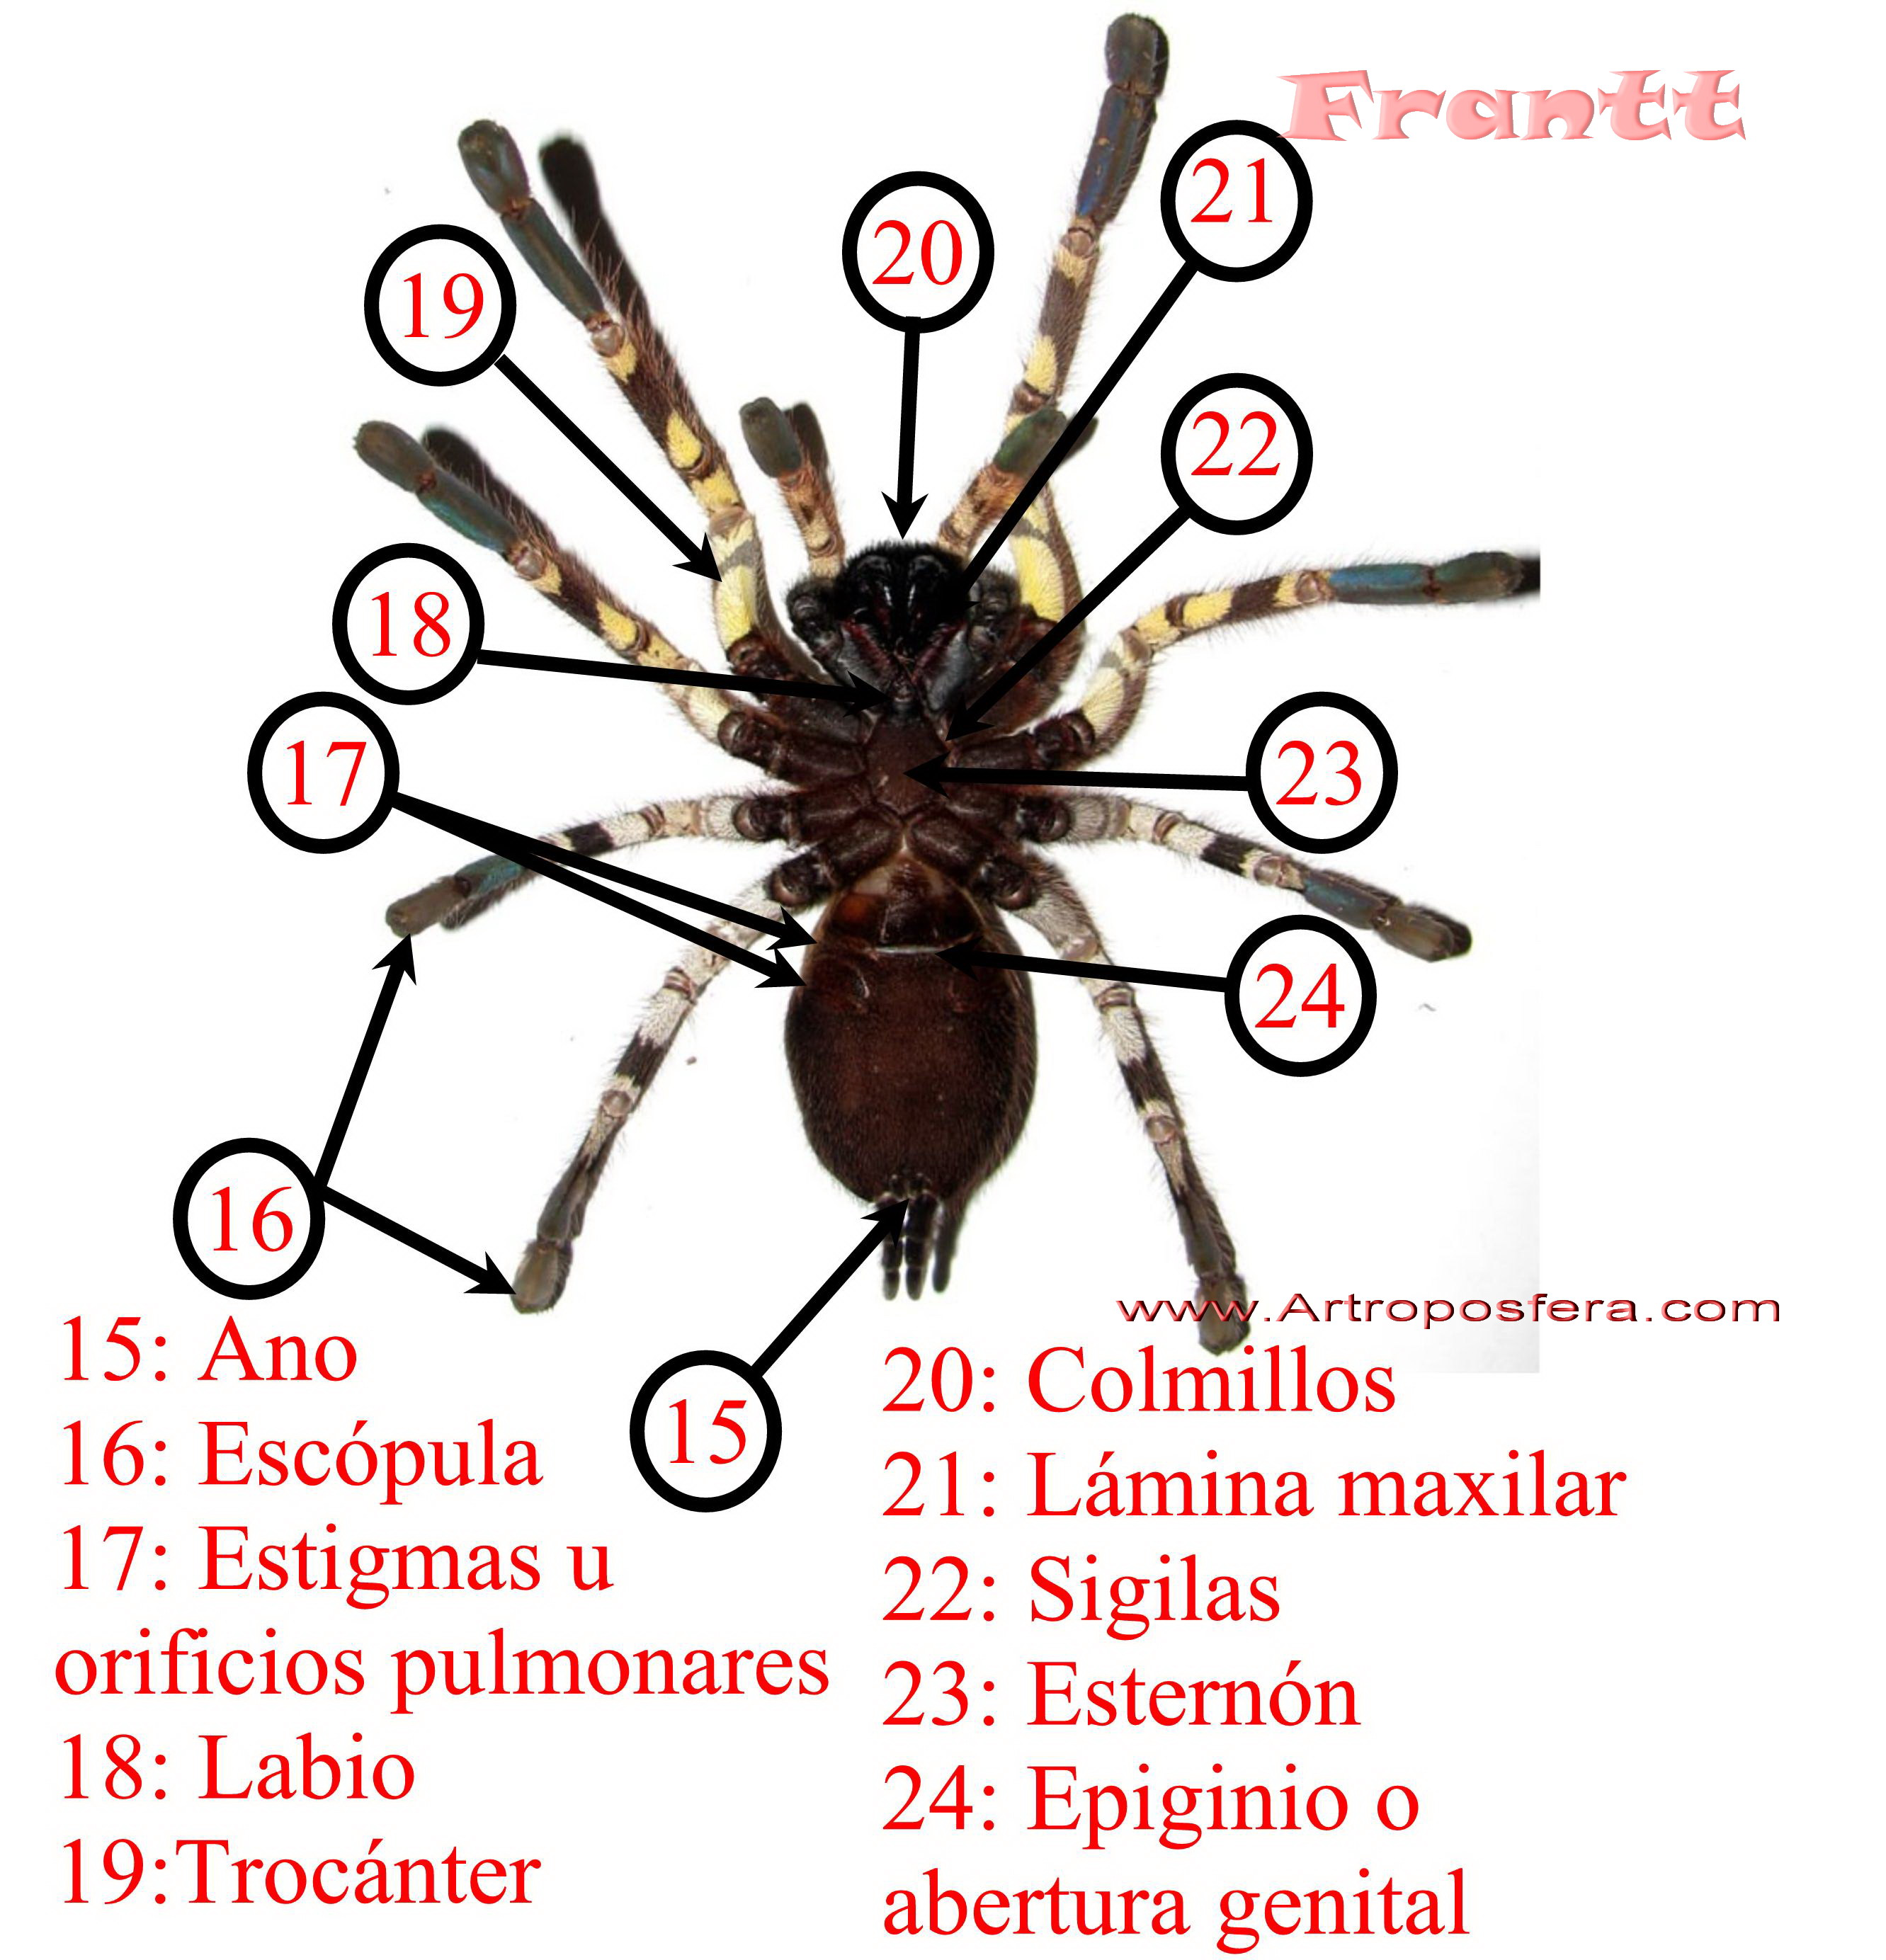 Anatomia tarantula